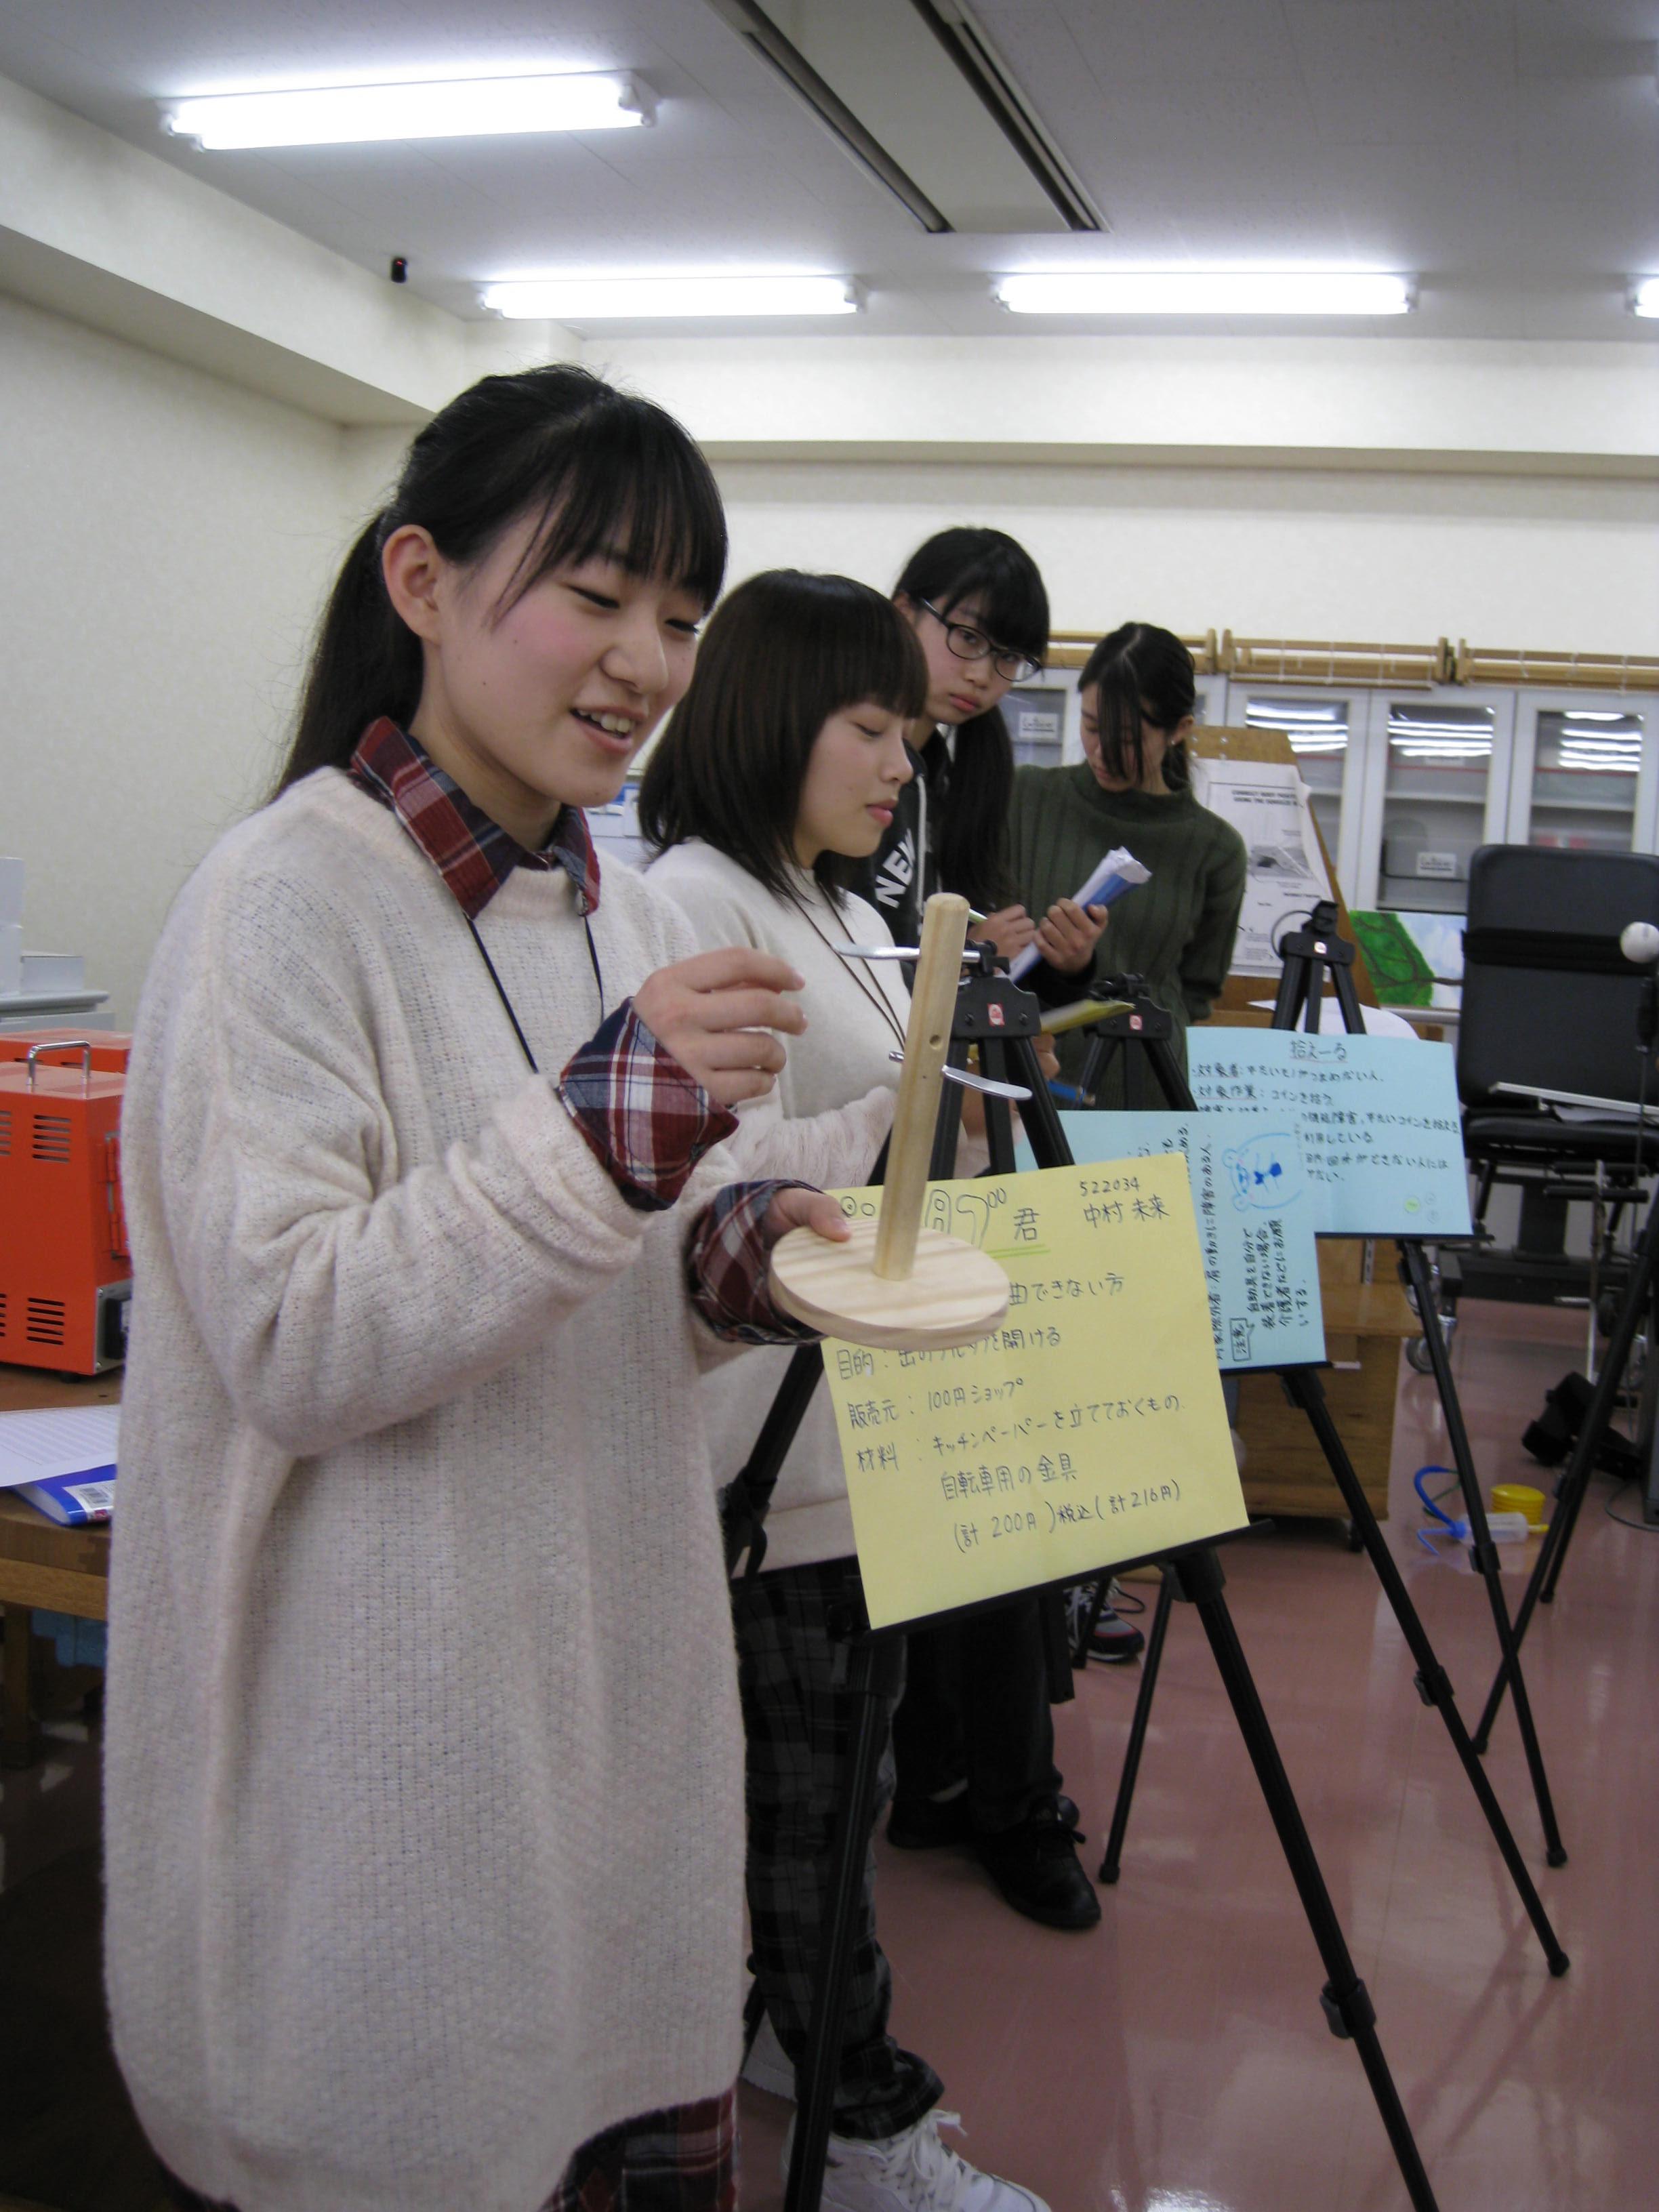 帝京科学大学 自助具発表会 #02